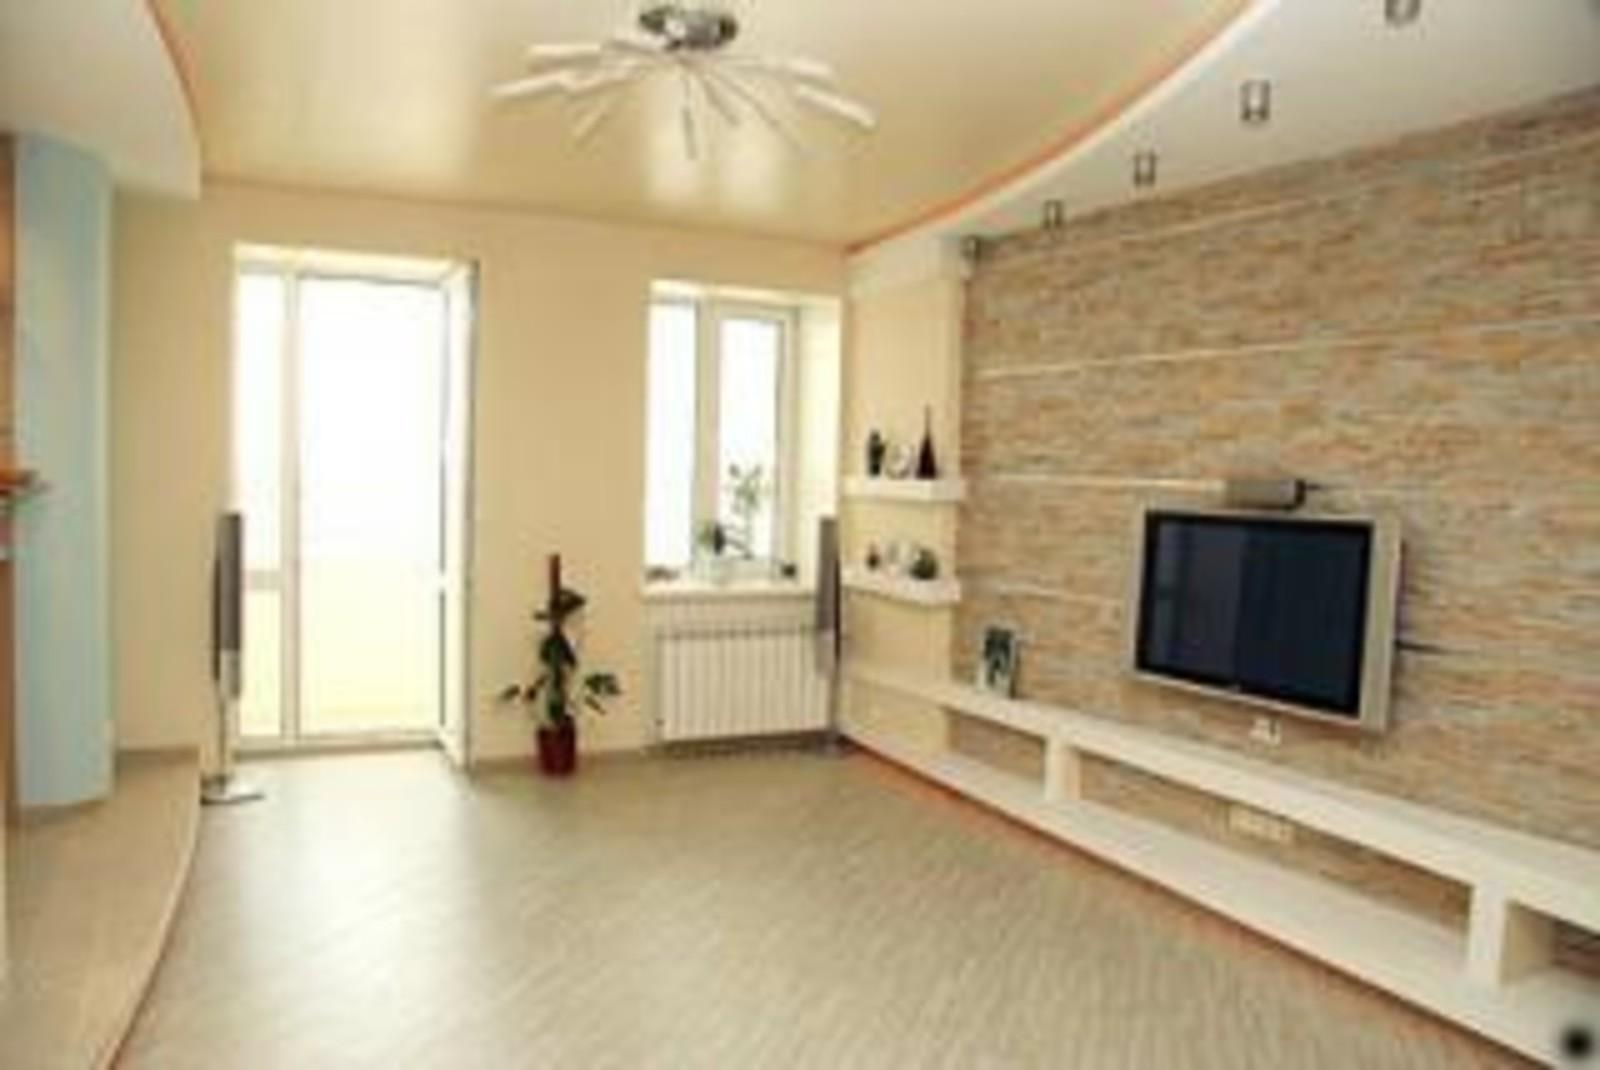 Сроки ремонта однокомнатной квартиры.